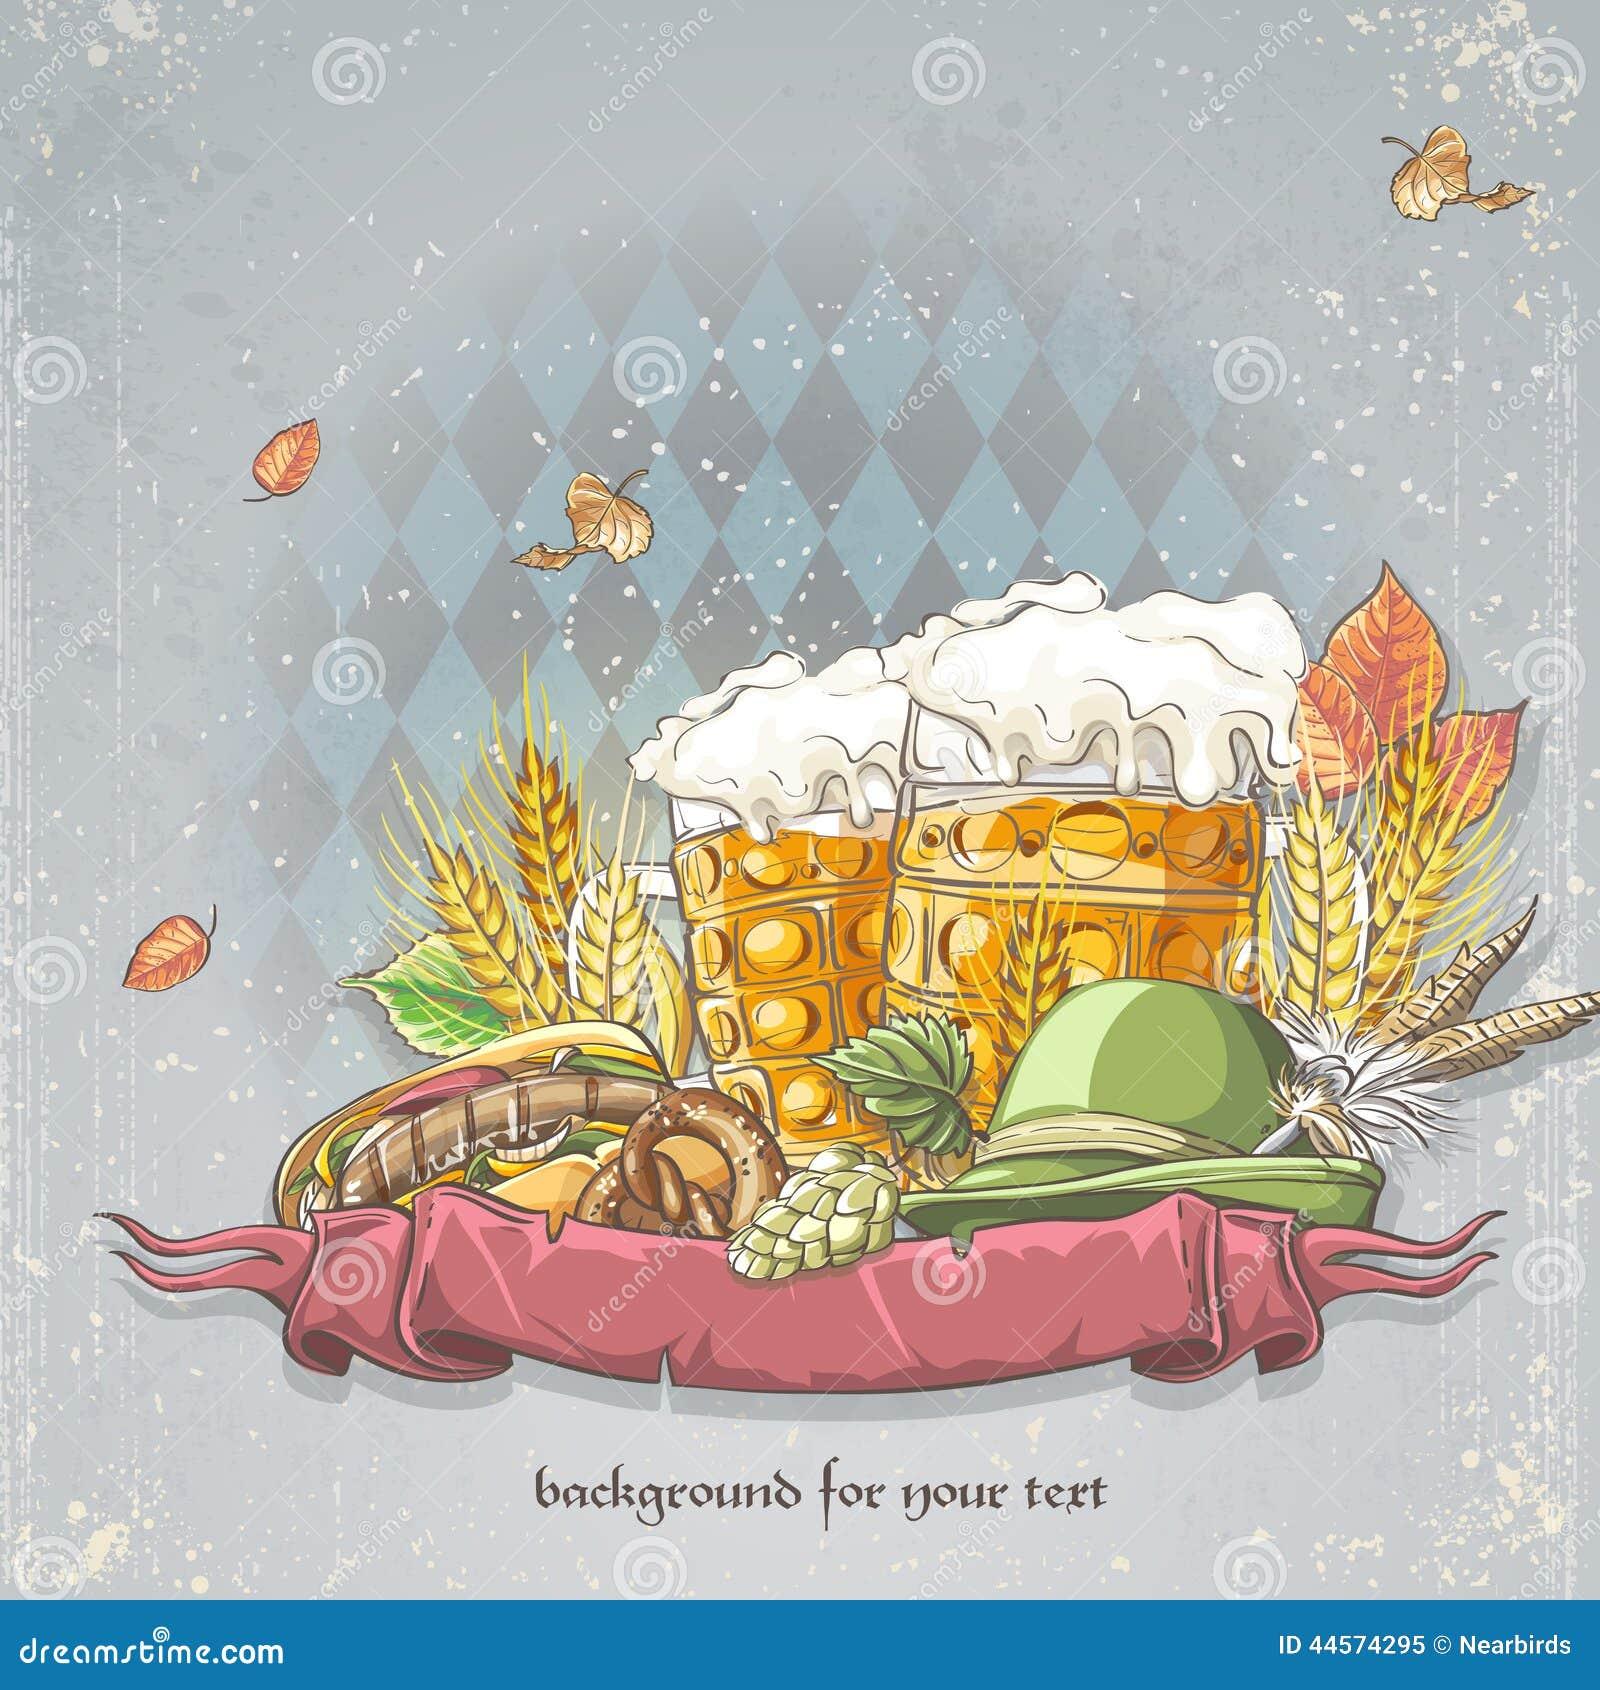 Image d un fond de célébration oktoubest les chopes en grès de la bière, des houblon, des cônes et des feuilles d automne